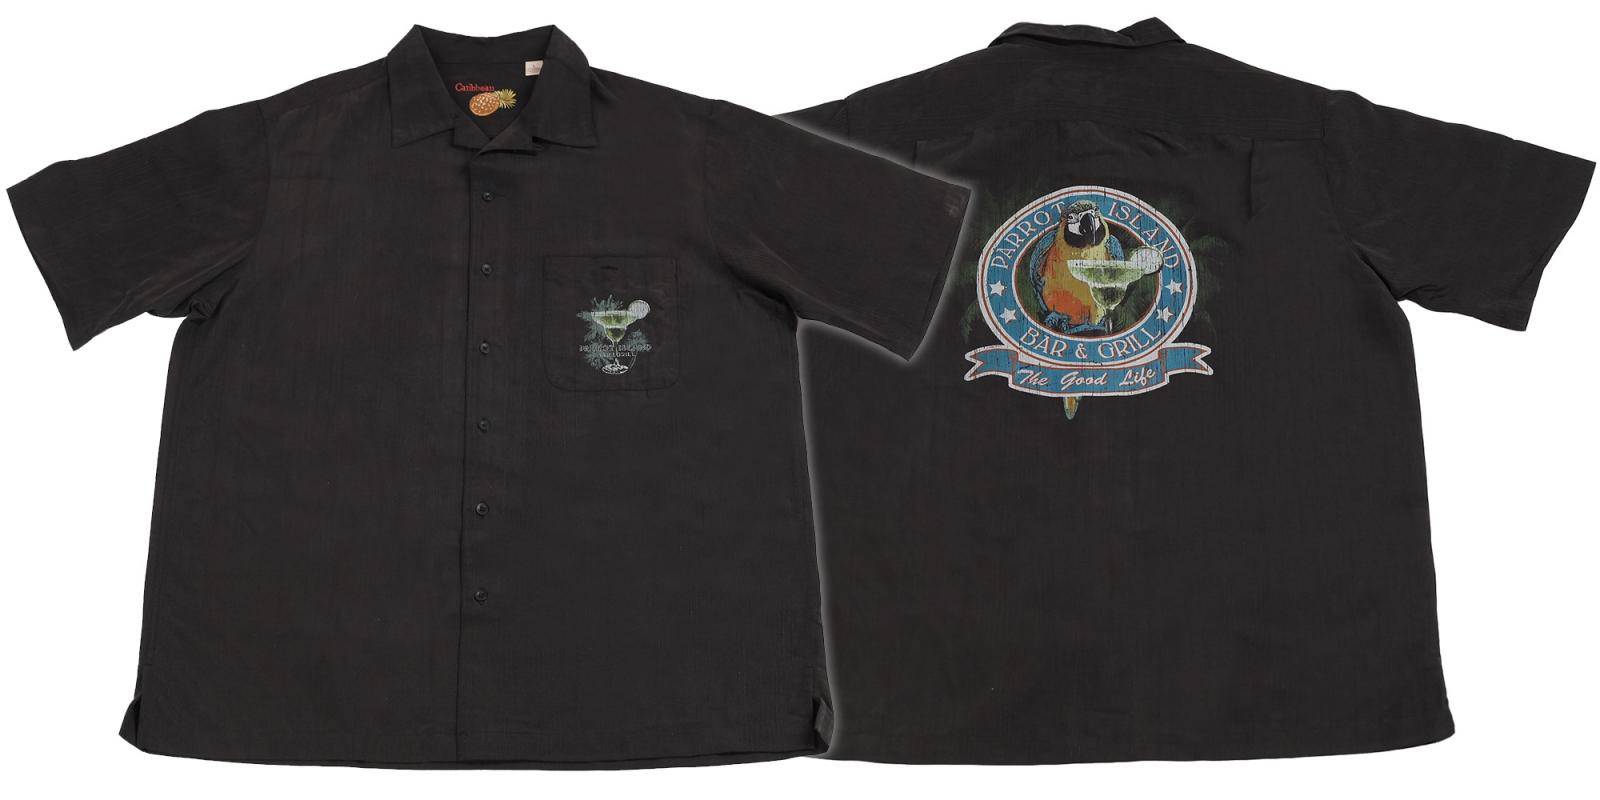 Черная рубашка Caribbean. Для знатоков стиля и качества!